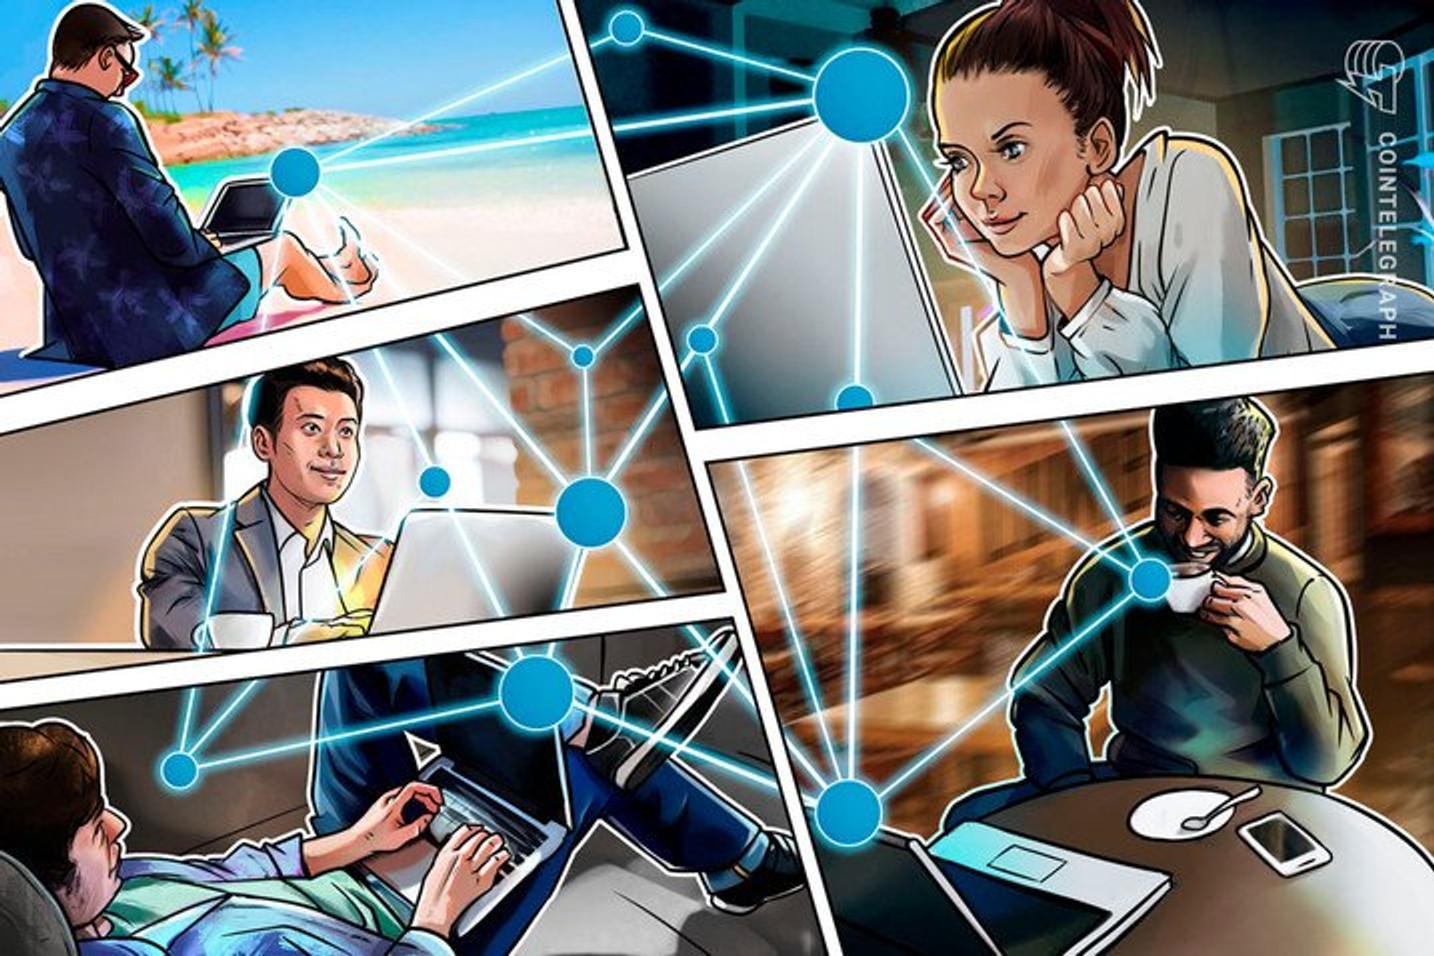 Ripple, Porto Seguro, XP, Santander e outros, confira mais de 100 vagas de emprego para tecnologia incluindo blockchain